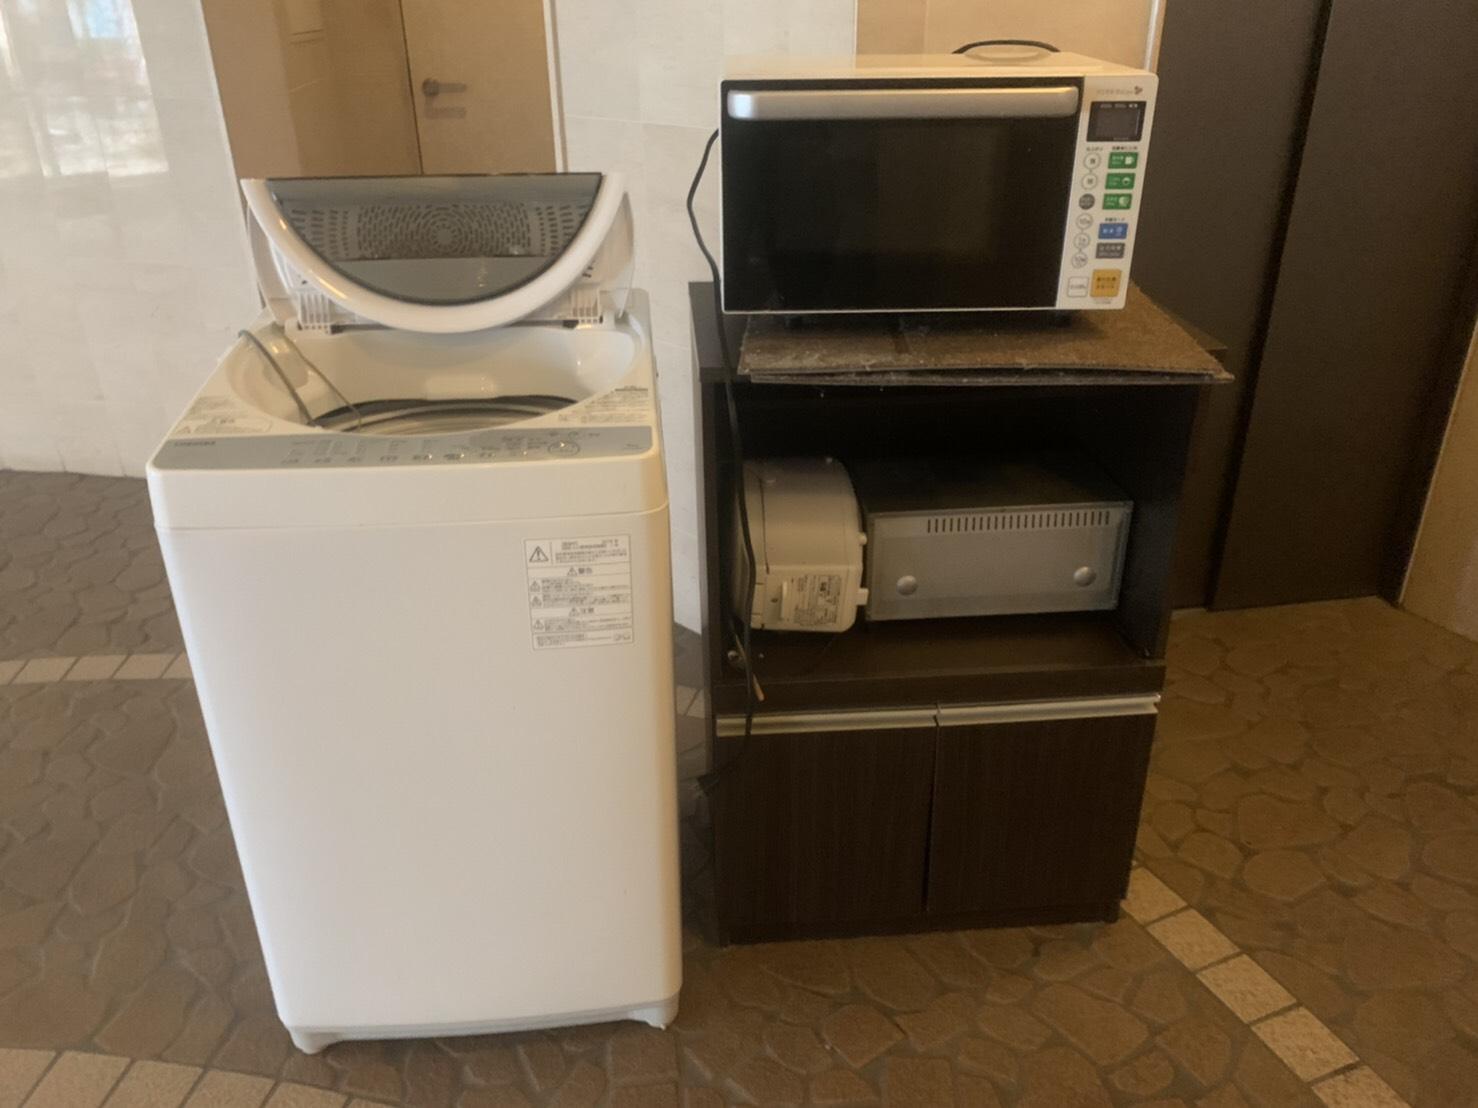 レンジ、洗濯機、炊飯器、オーブン、レンジ台の回収前